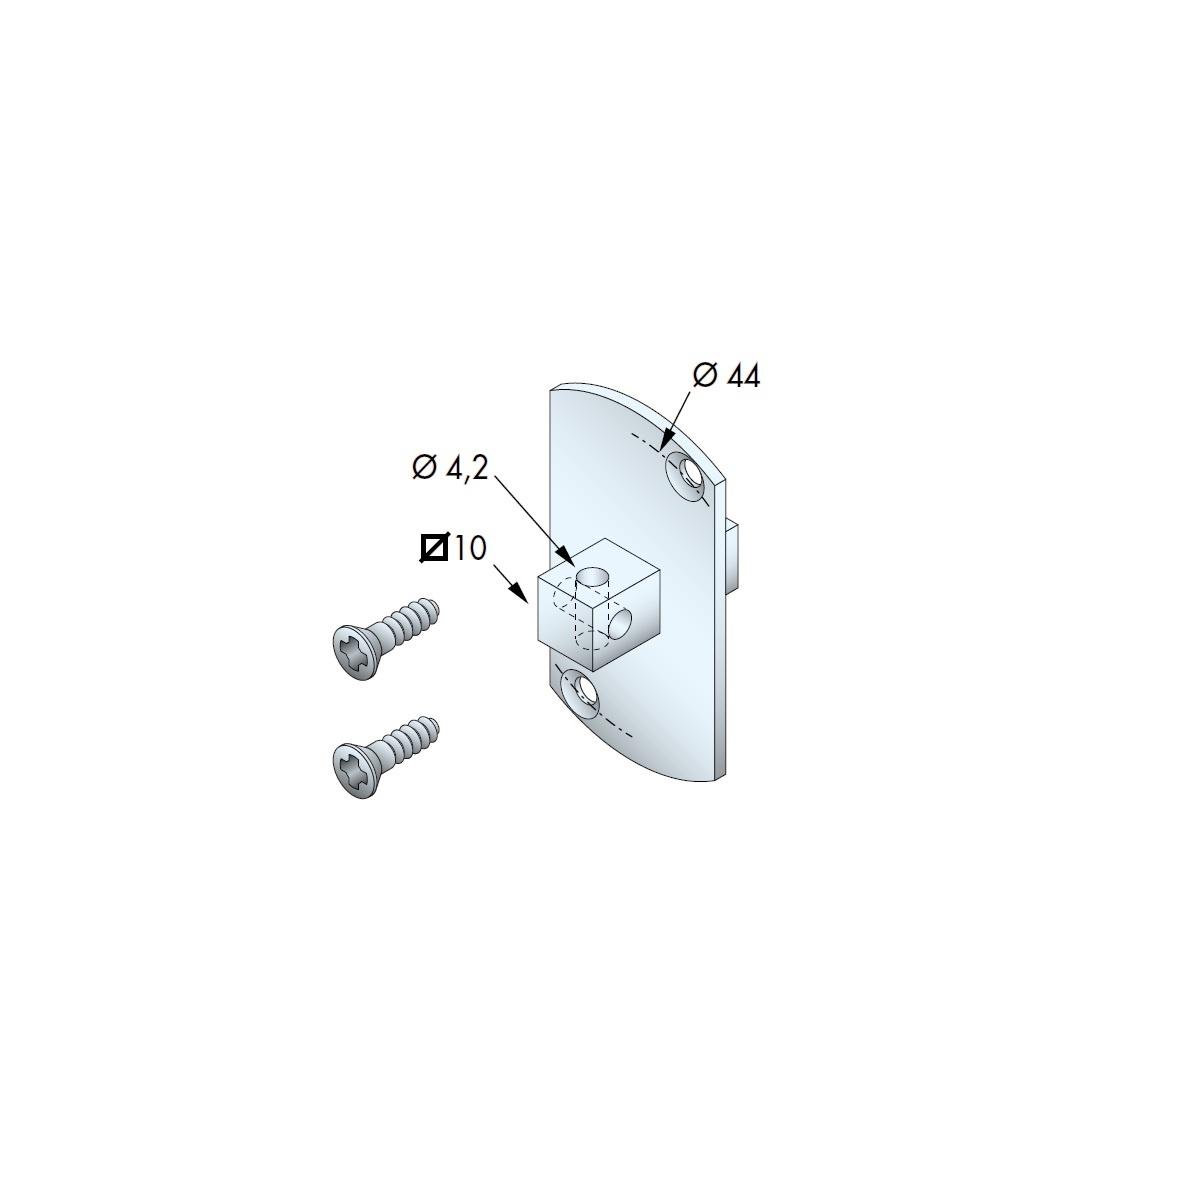 Somfy Motornok tbv T5 motoren t/m 25 Nm